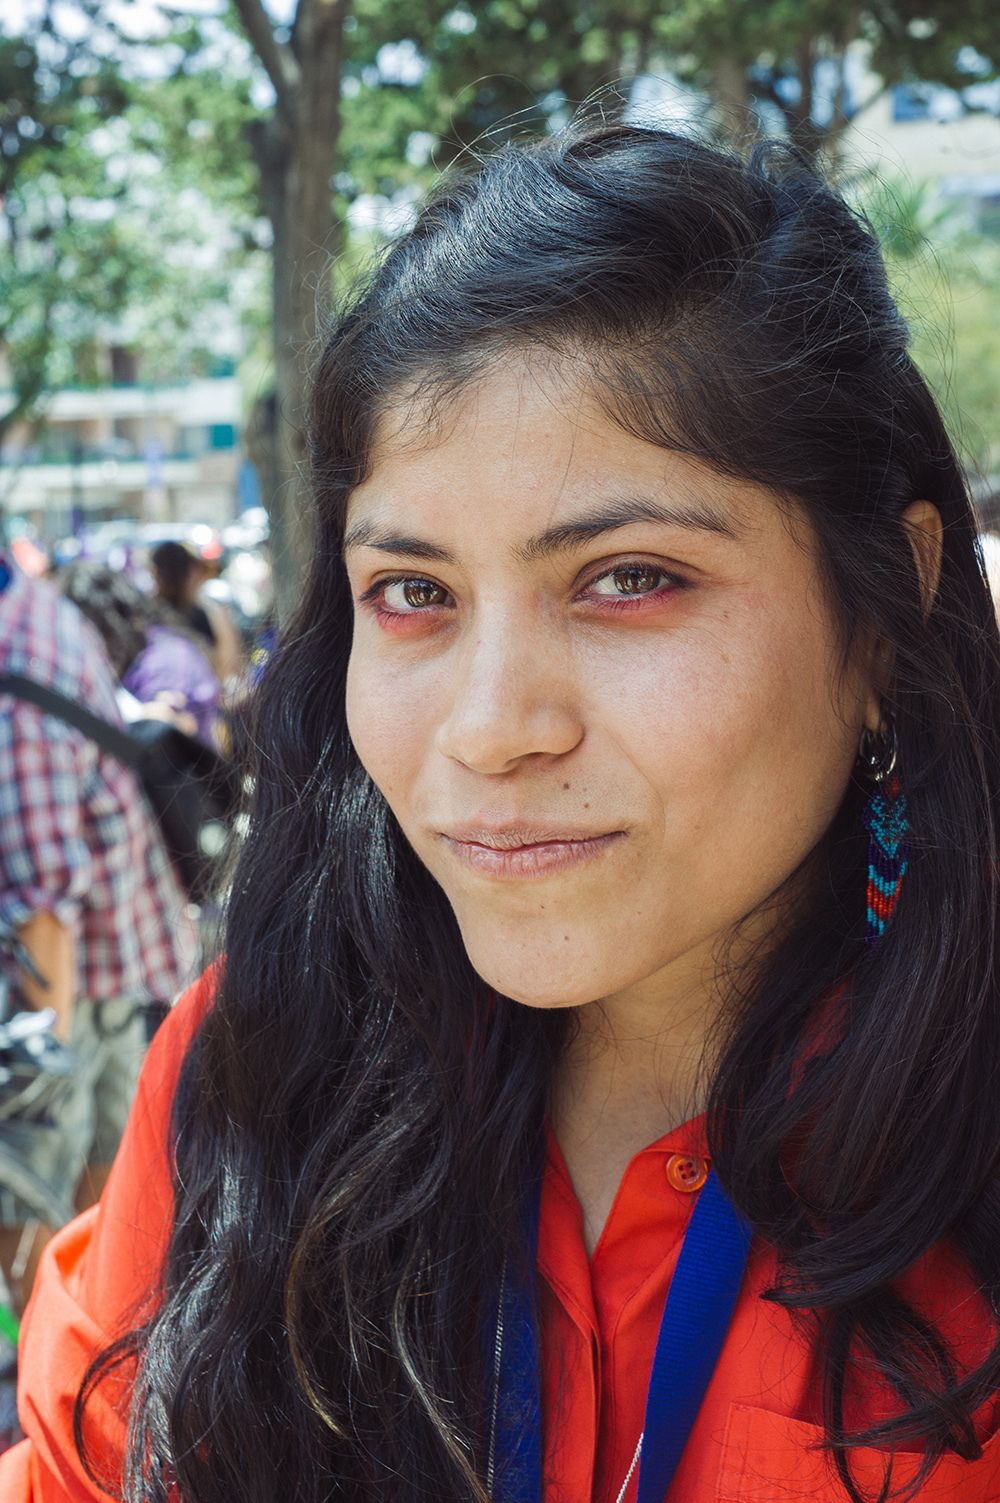 jóvenes en una manifestación contra la violencia de género | read | i-D Denisse